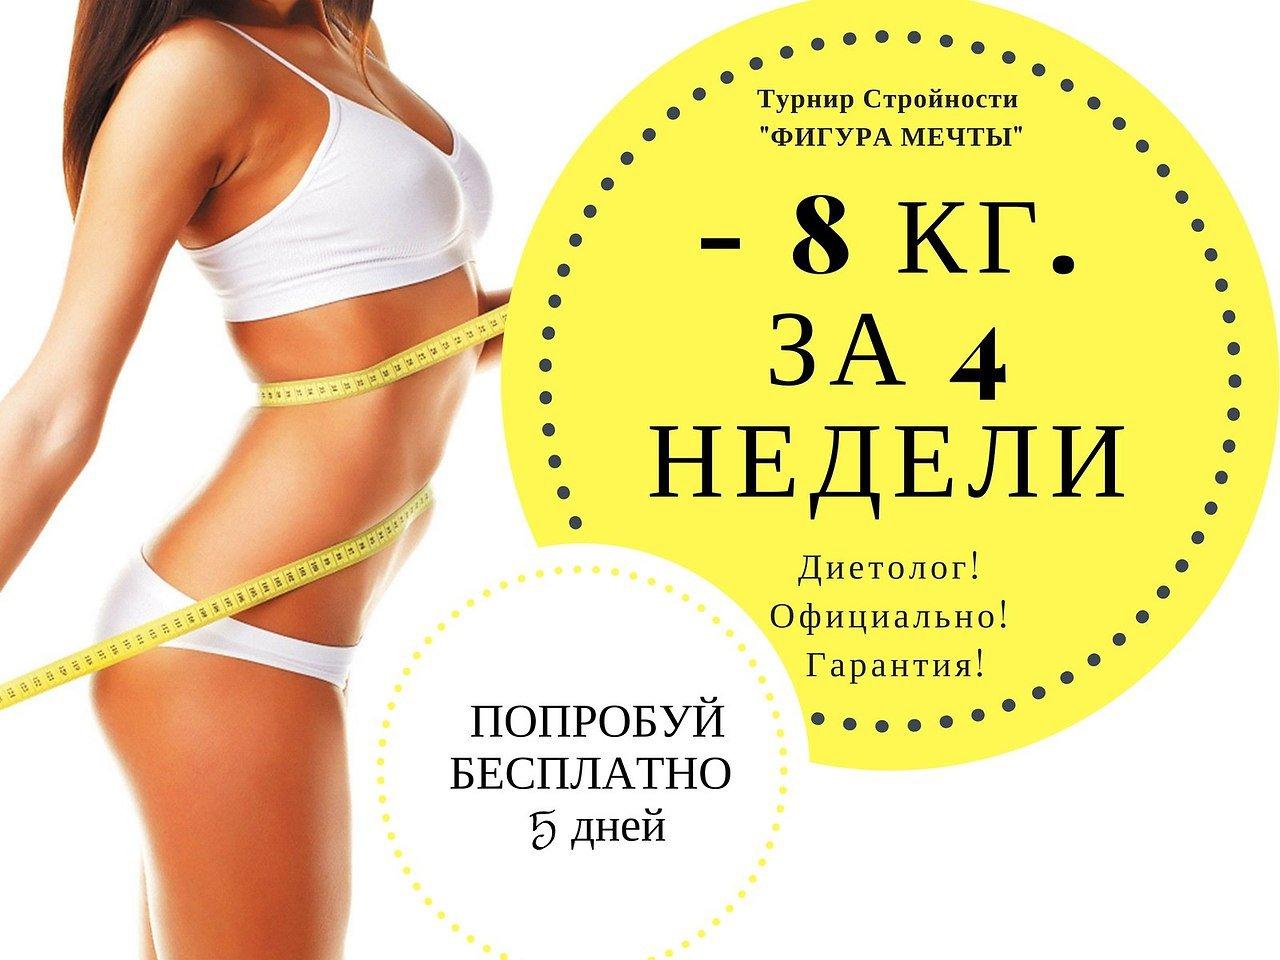 С чего начать похудение в домашних условиях: быстрая программа и советы диетолога